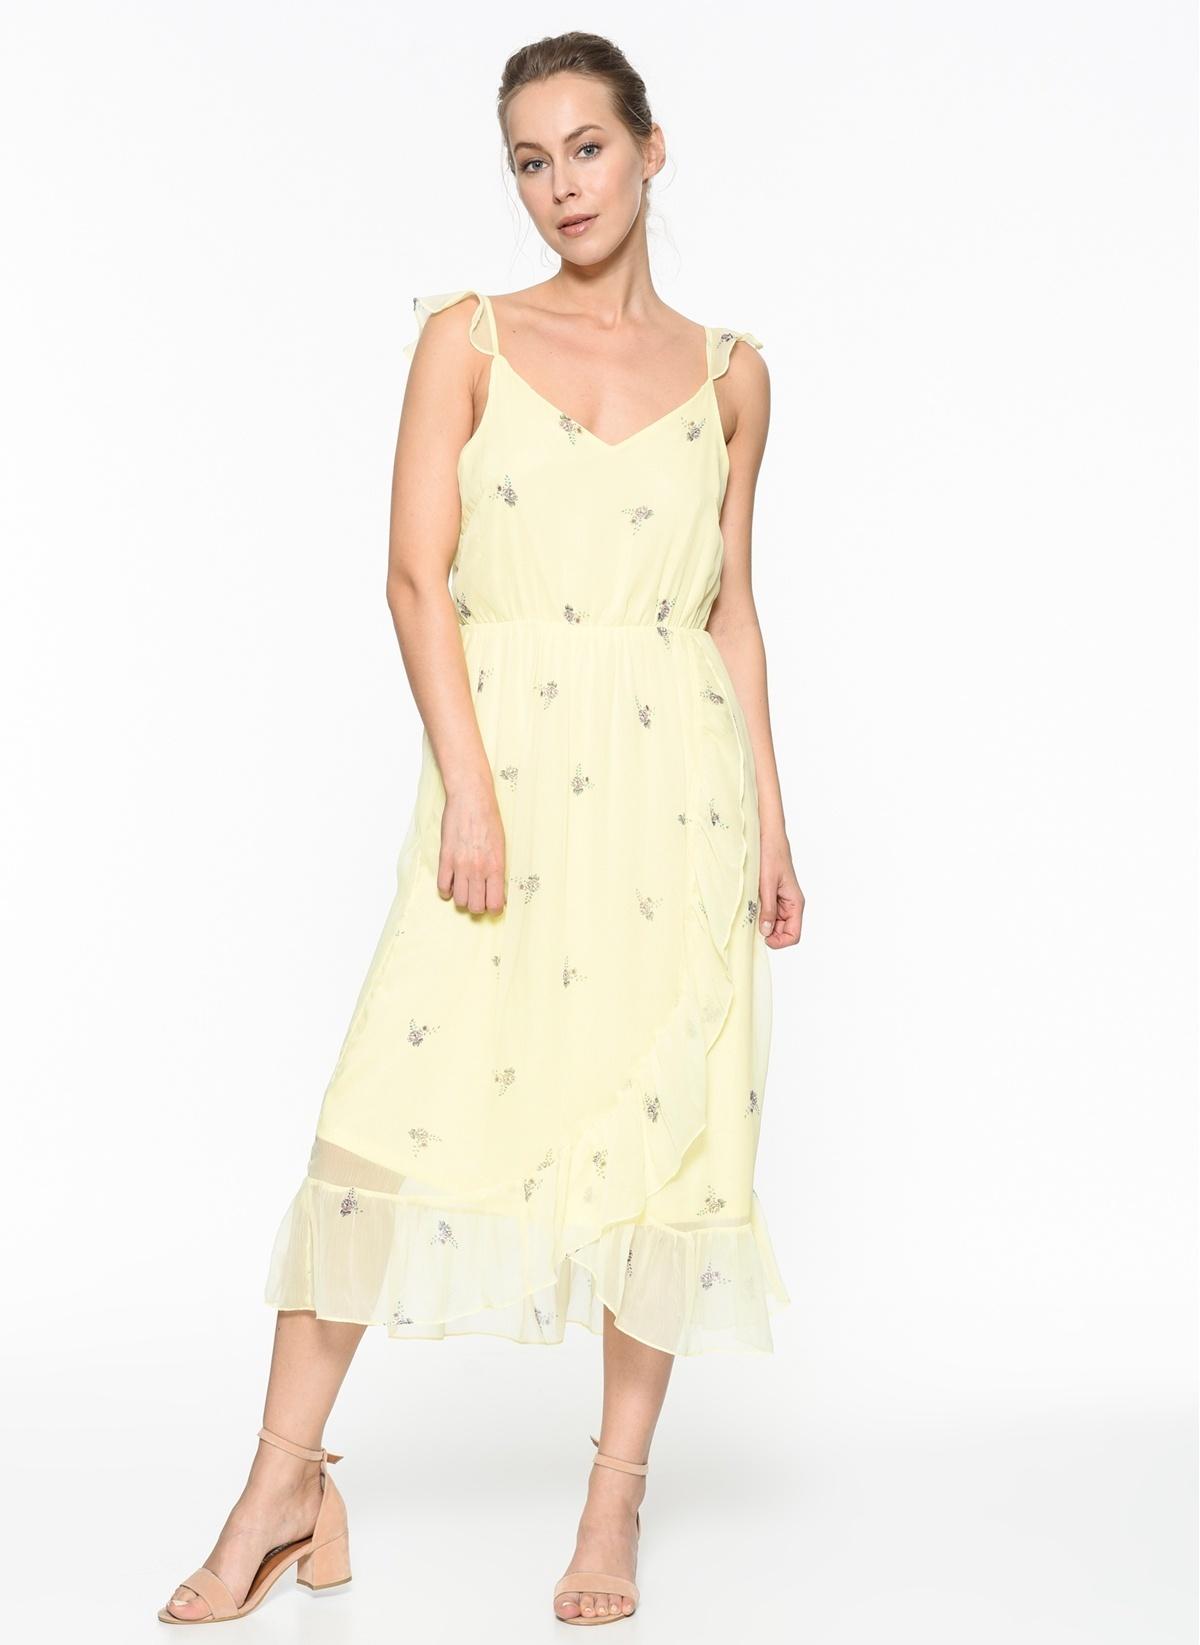 Vero Moda Askılı Midi Şifon Elbise 10198470 Vmdanni Singlet Calf Dre – 79.9 TL